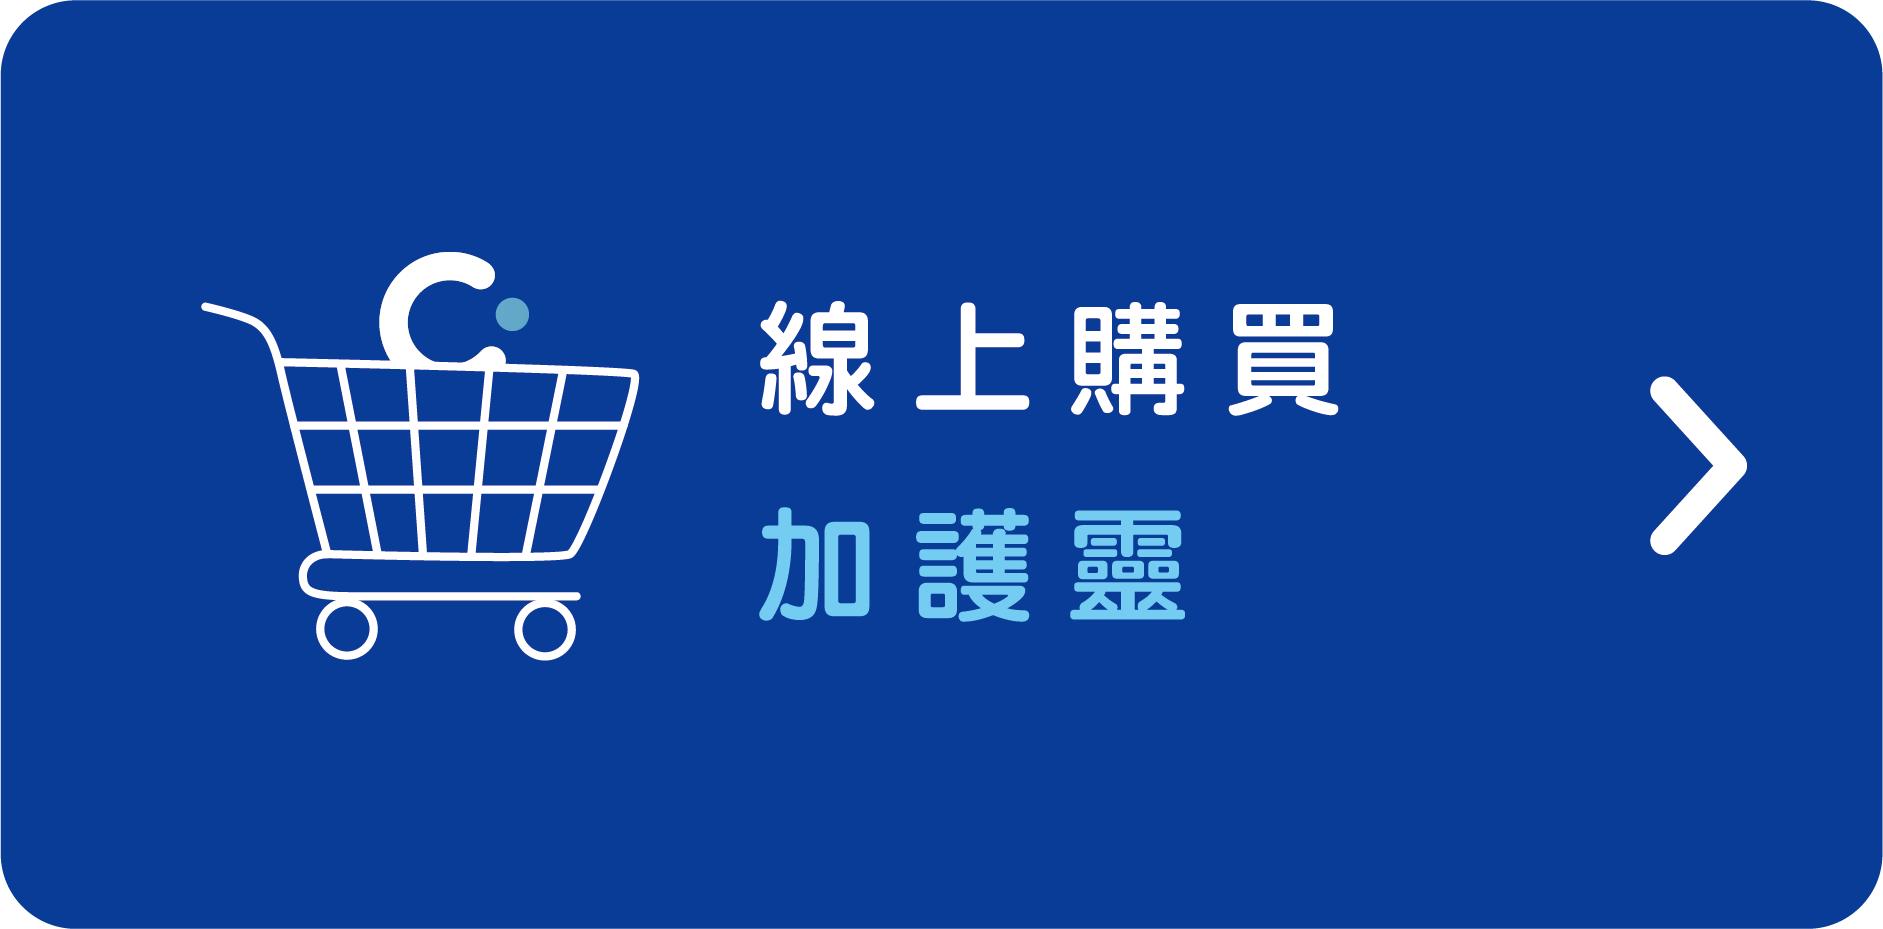 加護靈線上購買頁面連結點